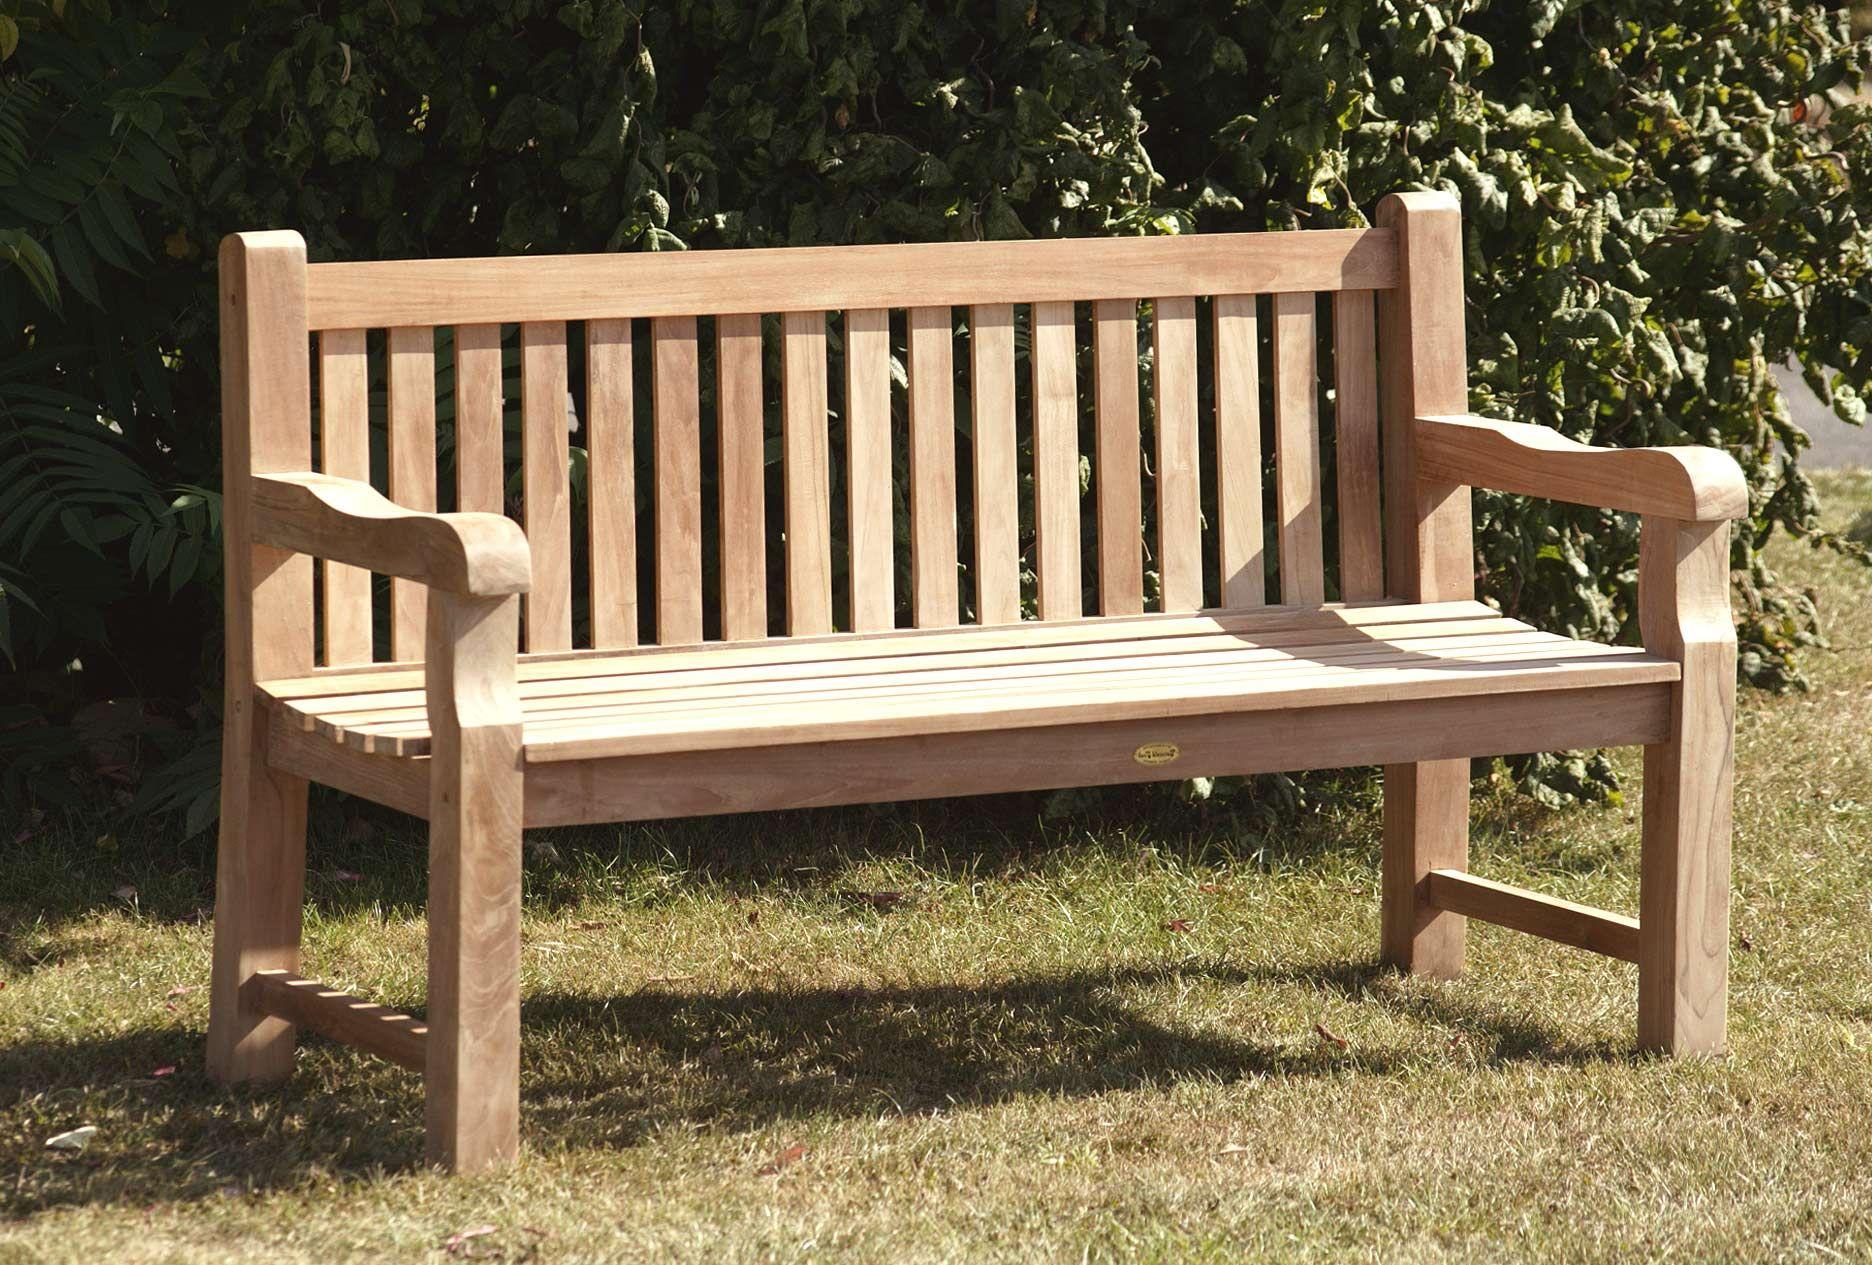 wooden garden benches - Google Search   Garden benches   Pinterest ...